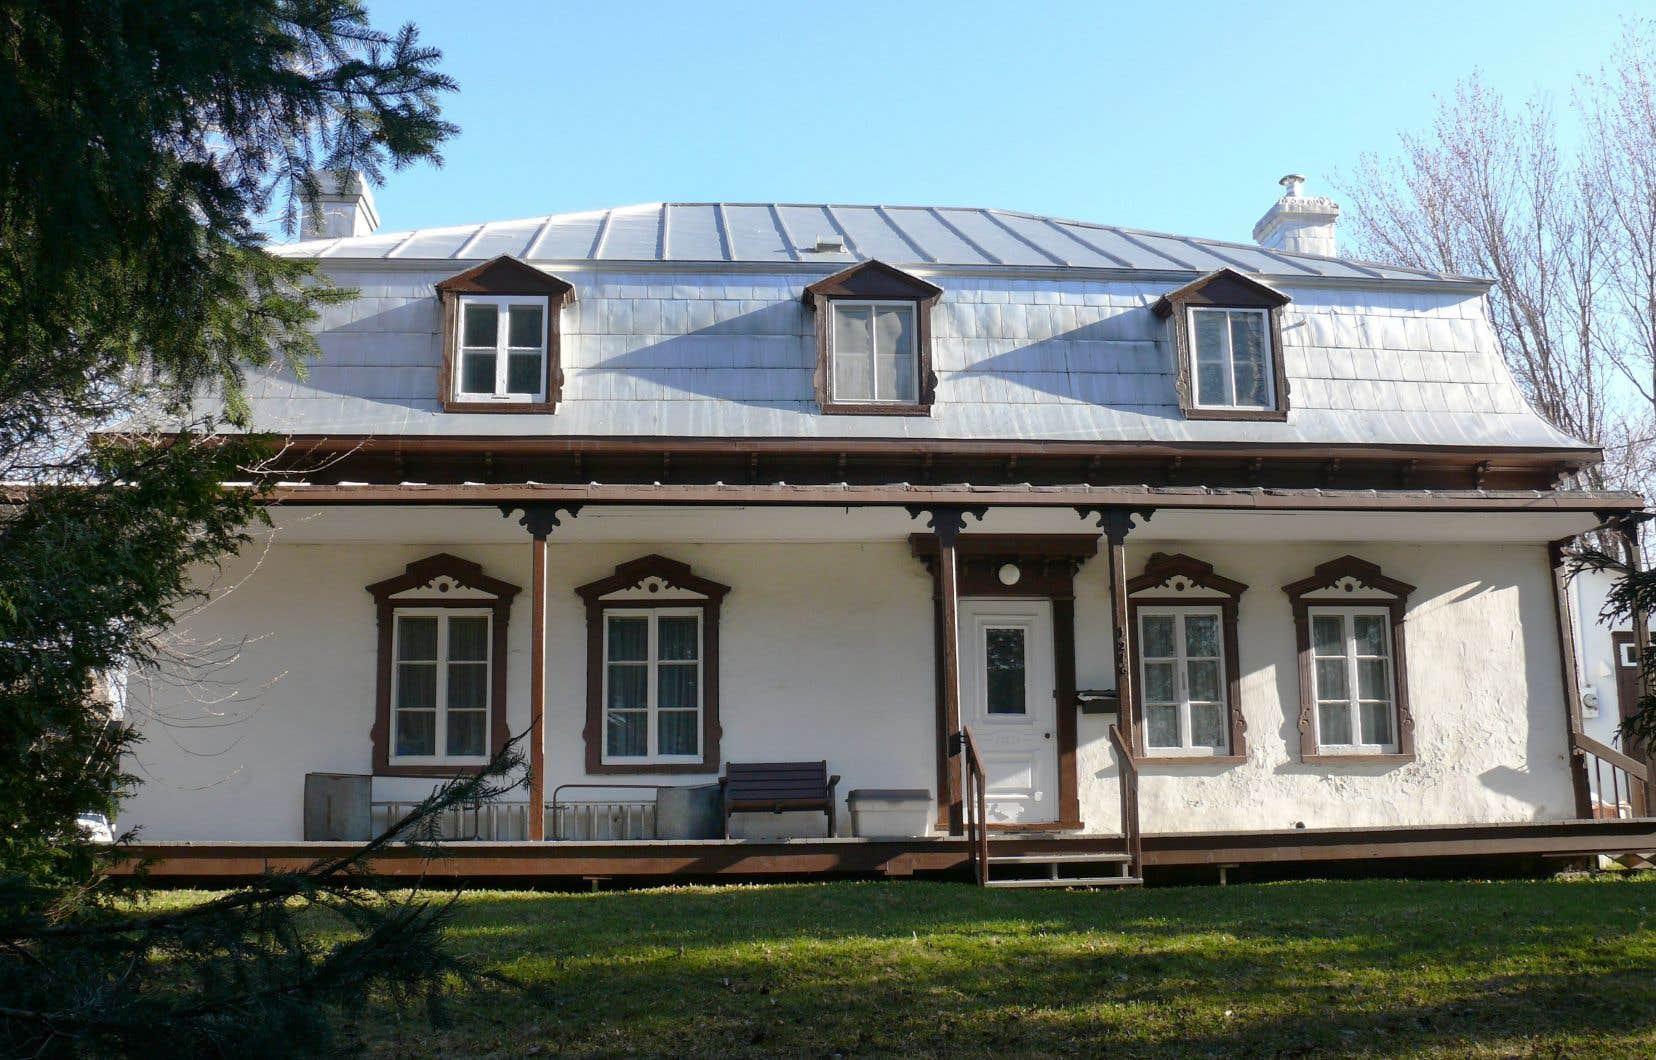 Selon une analyse, la maison Jobin-Bédard, à Québec, probablement construite entre 1791 et 1826, «est représentative des maisons rurales construites au tournant du XIXe siècle».